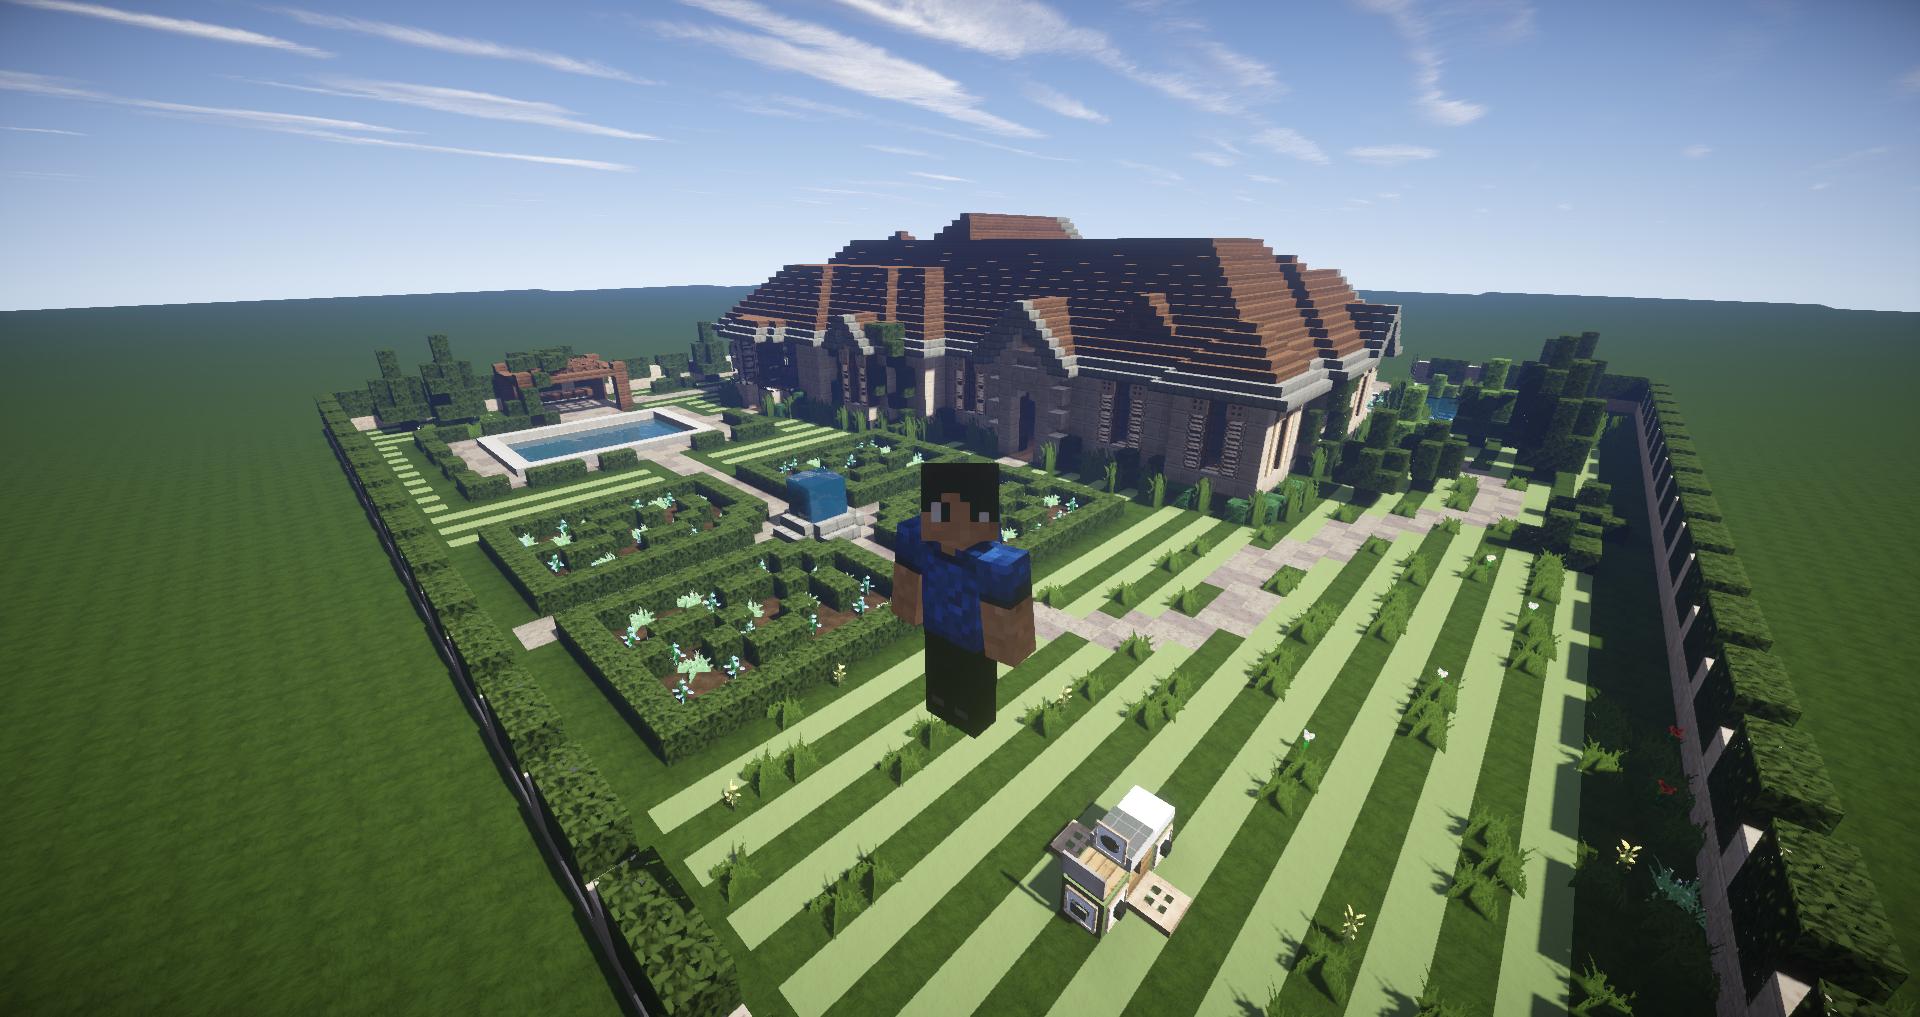 Maison avec piscine et aménagement de jardin merveilleux.